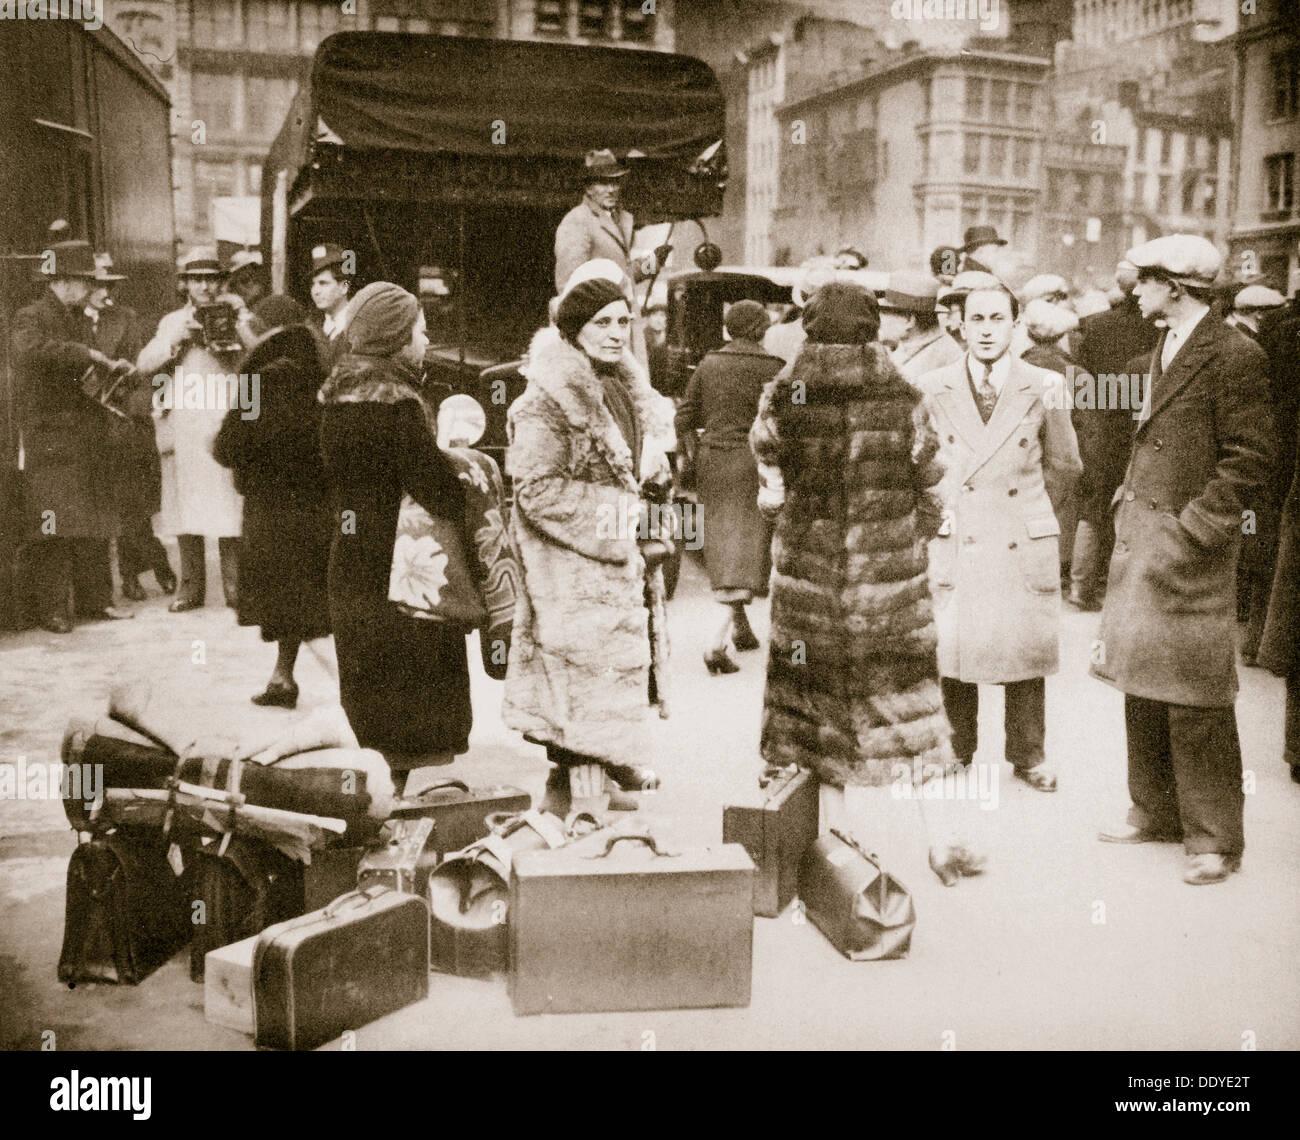 Radical 'fame dimostranti raduno in New York, Stati Uniti d'America, Grande Depressione, novembre 1932. Artista: sconosciuto Immagini Stock